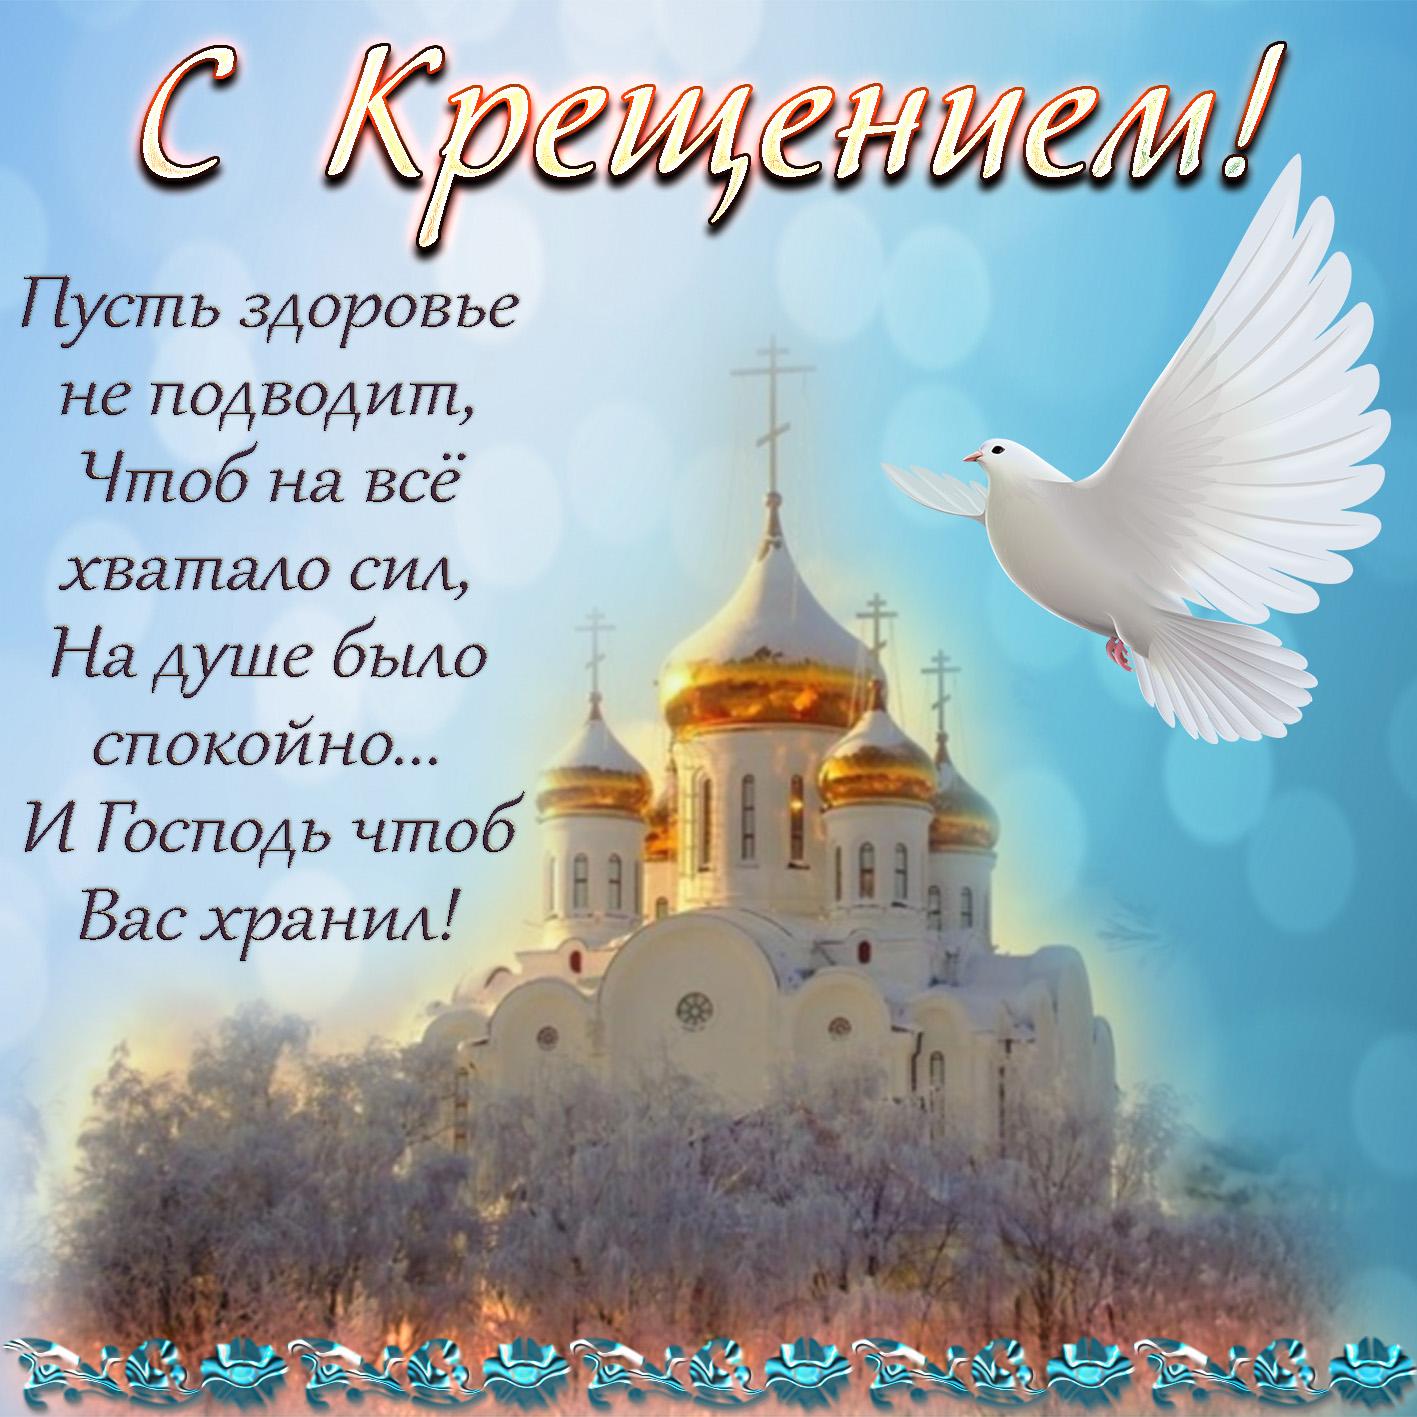 Поздравить с крещением господним стихи 19 января хорошими